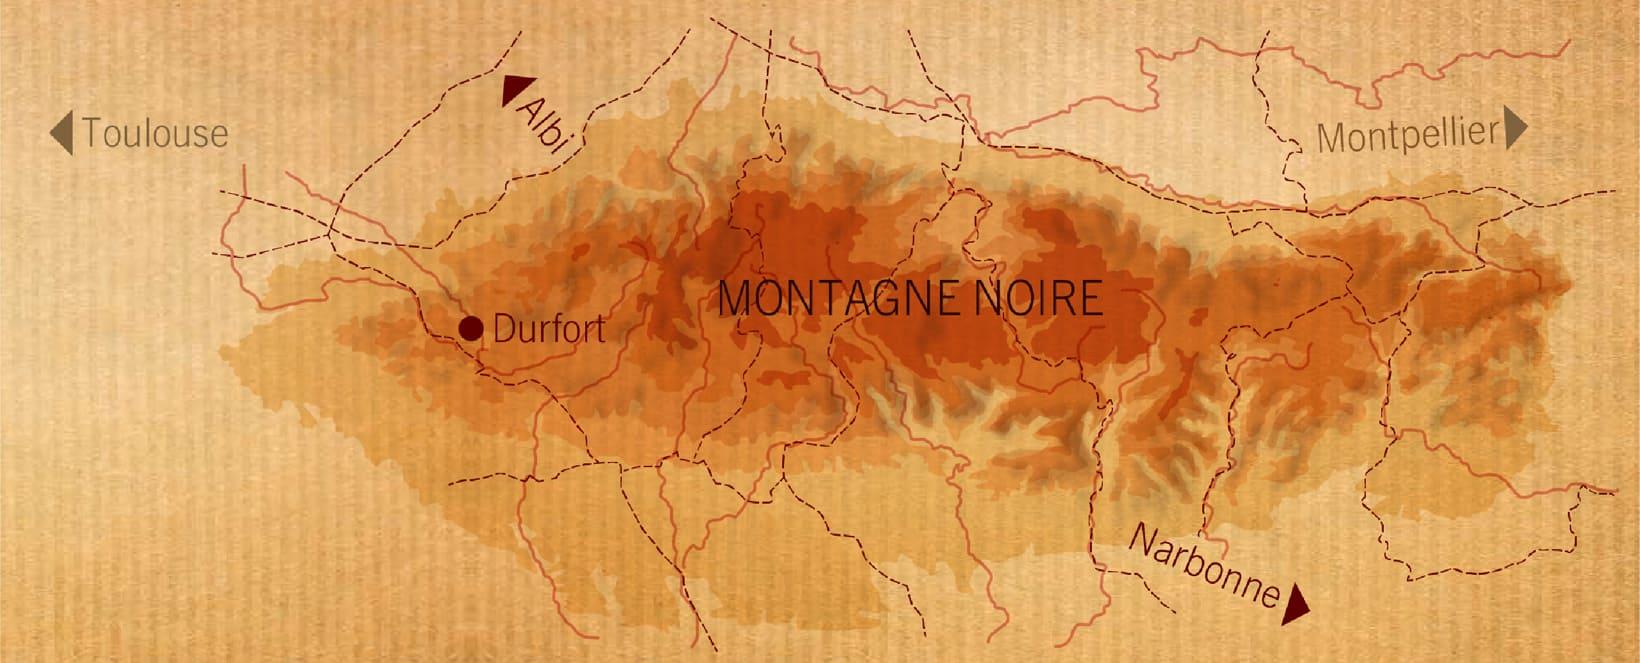 carte lieux de fabrications montagne noire